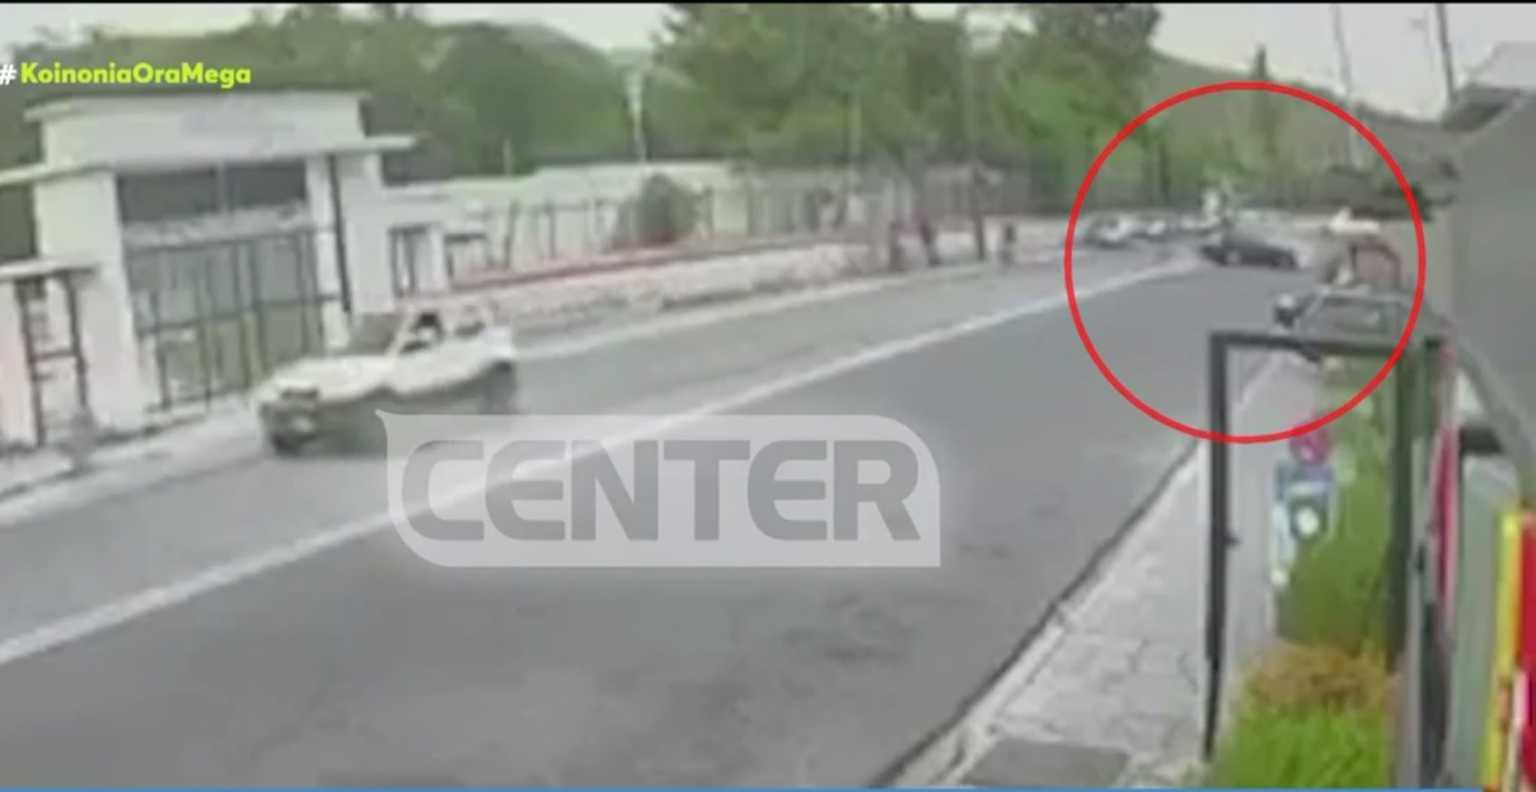 Καβάλα: Βίντεο ντοκουμέντο από το σοκαριστικό τροχαίο με τους τρεις νεκρούς